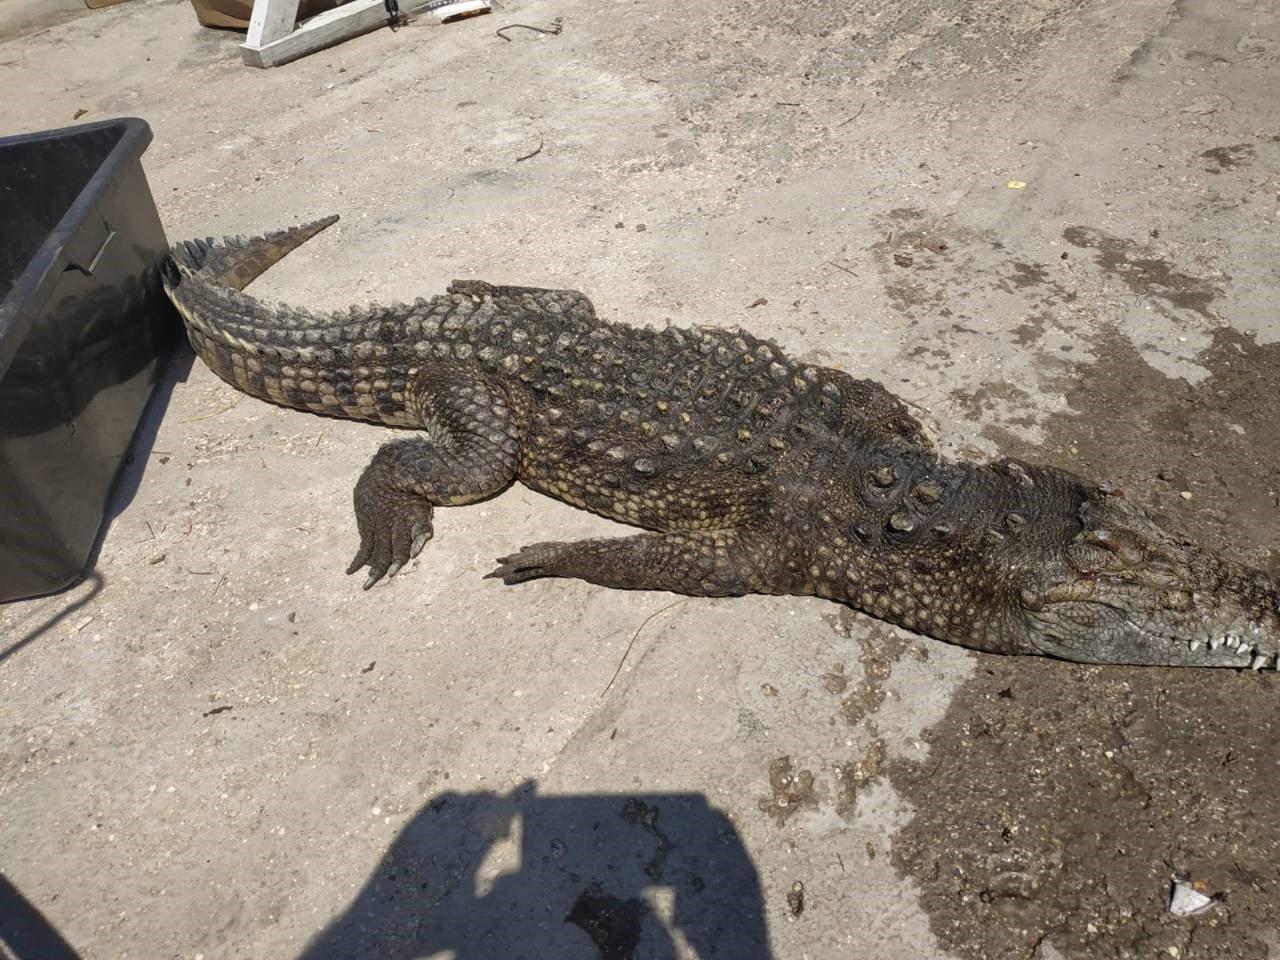 Арабатская стрелка, крокодил, Яновский